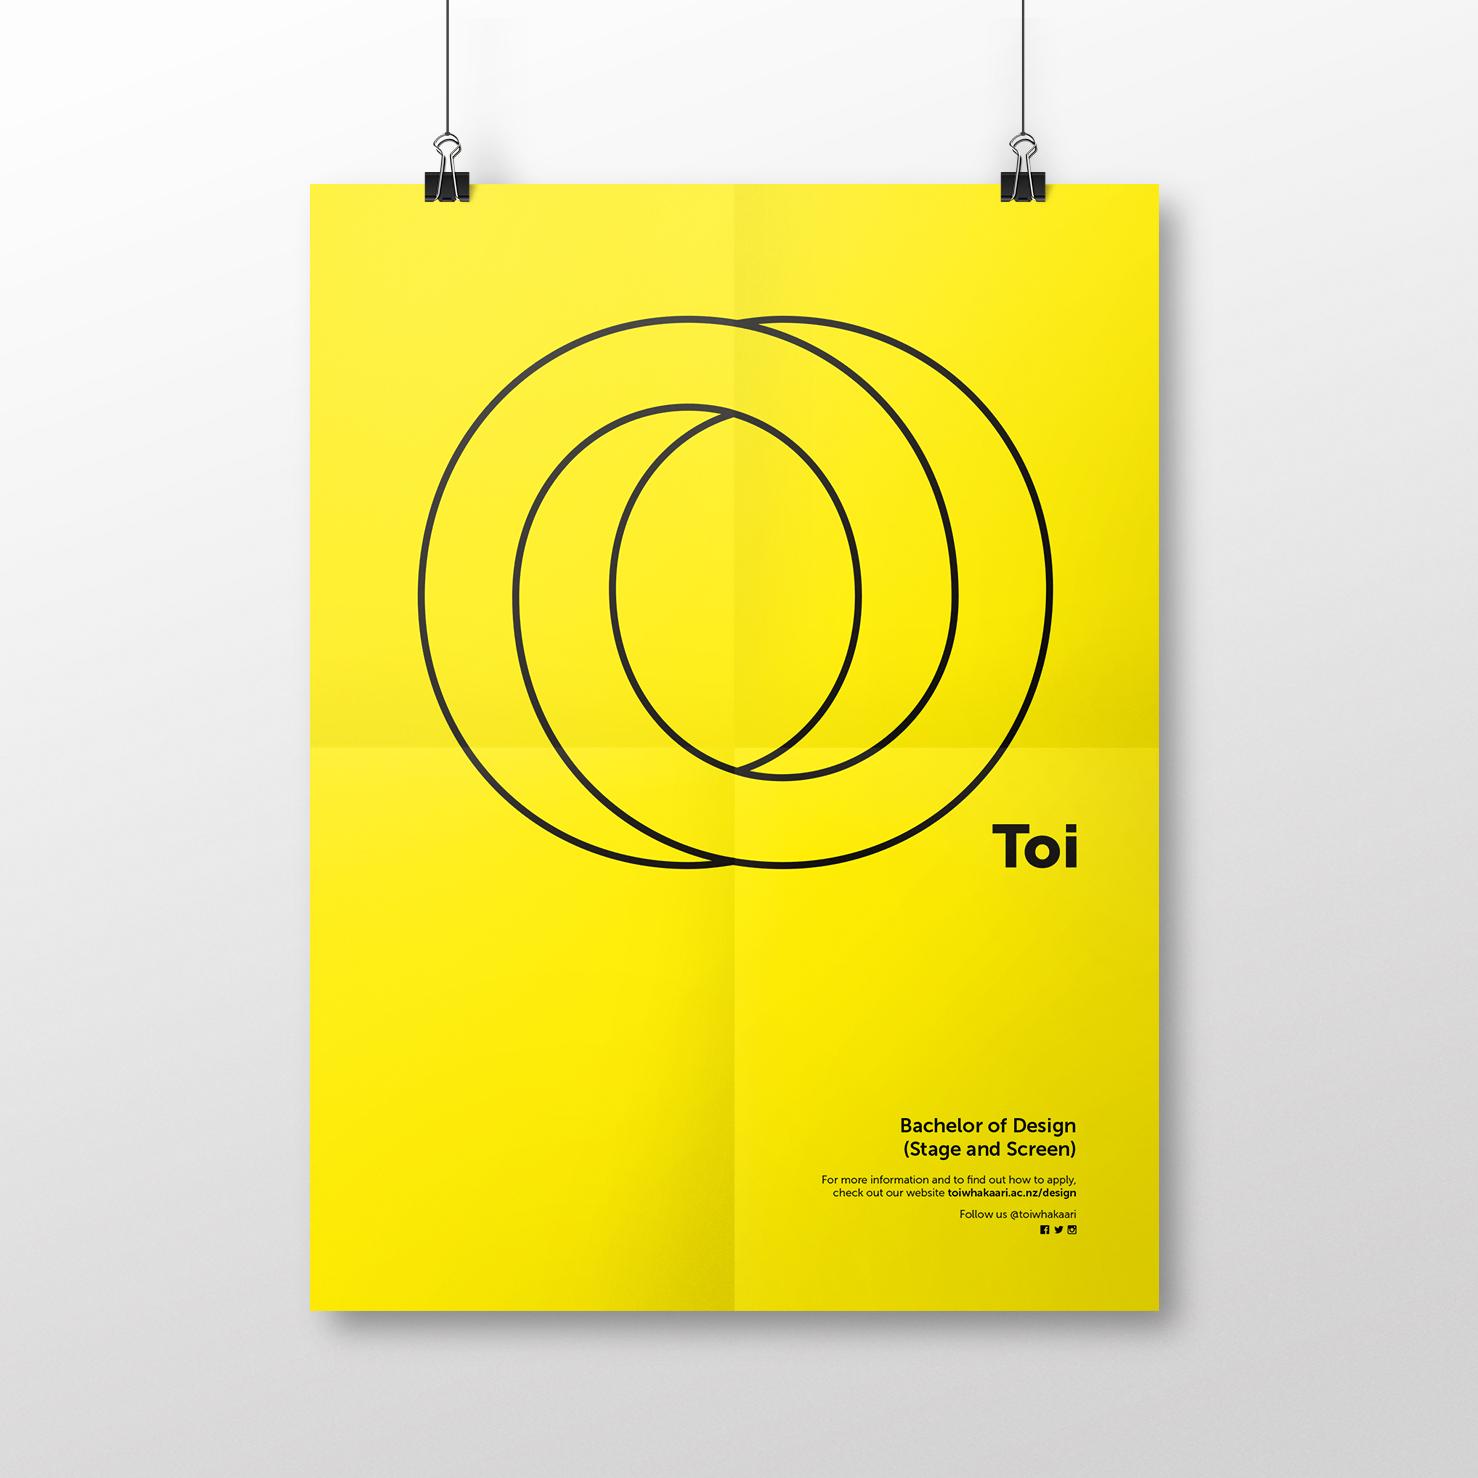 Toi-Poster Design-2.jpg